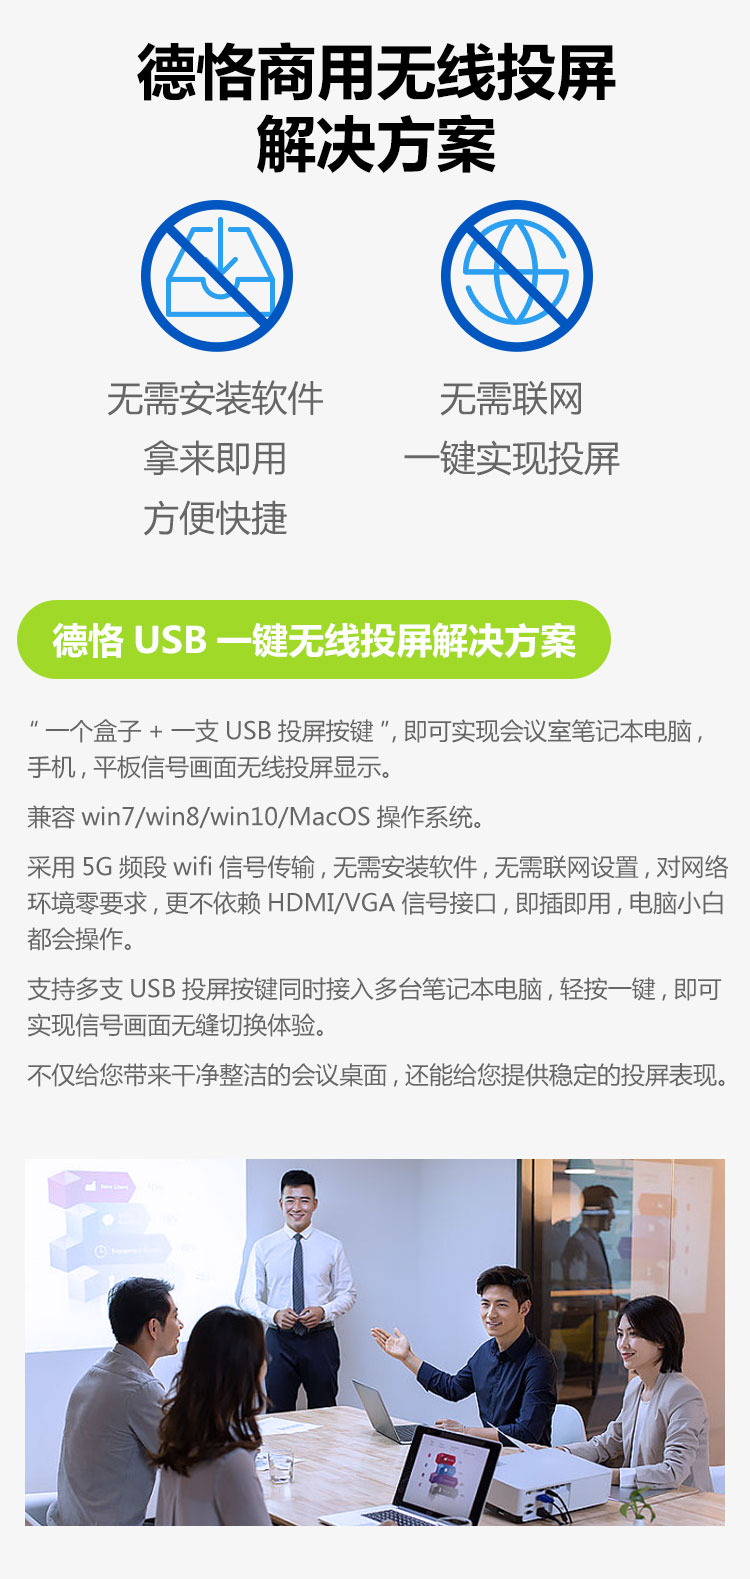 德恪USB一键无线投屏协作系统DK-200LC评测(含详情操作视频)